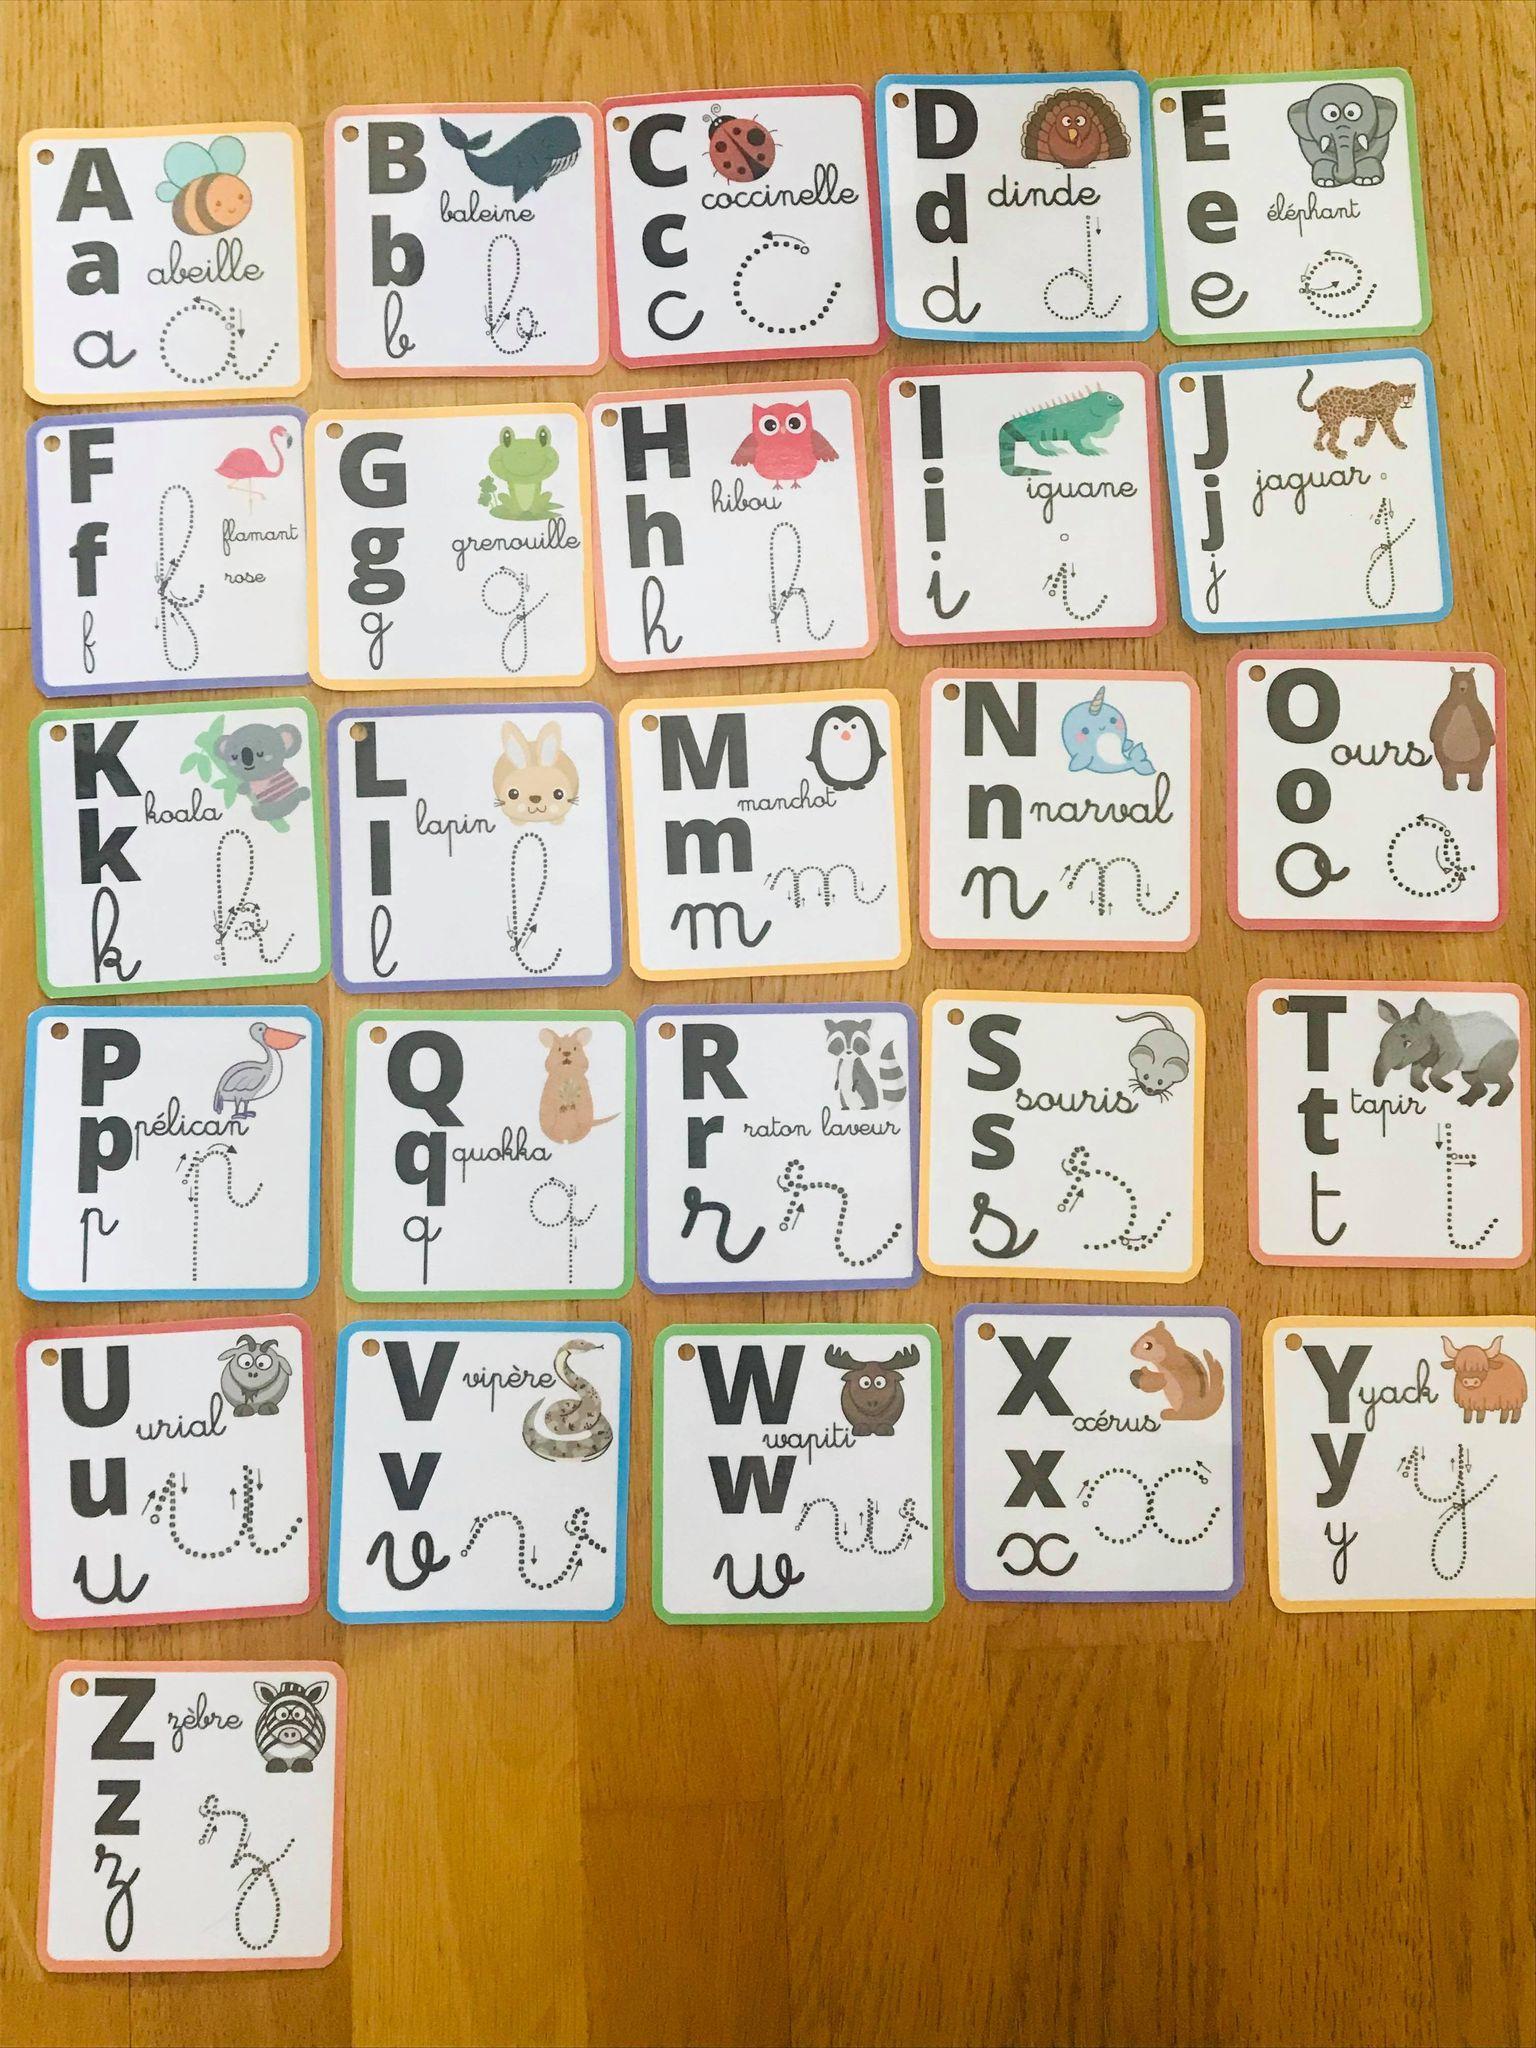 Abécédaire pour enfant en cartes